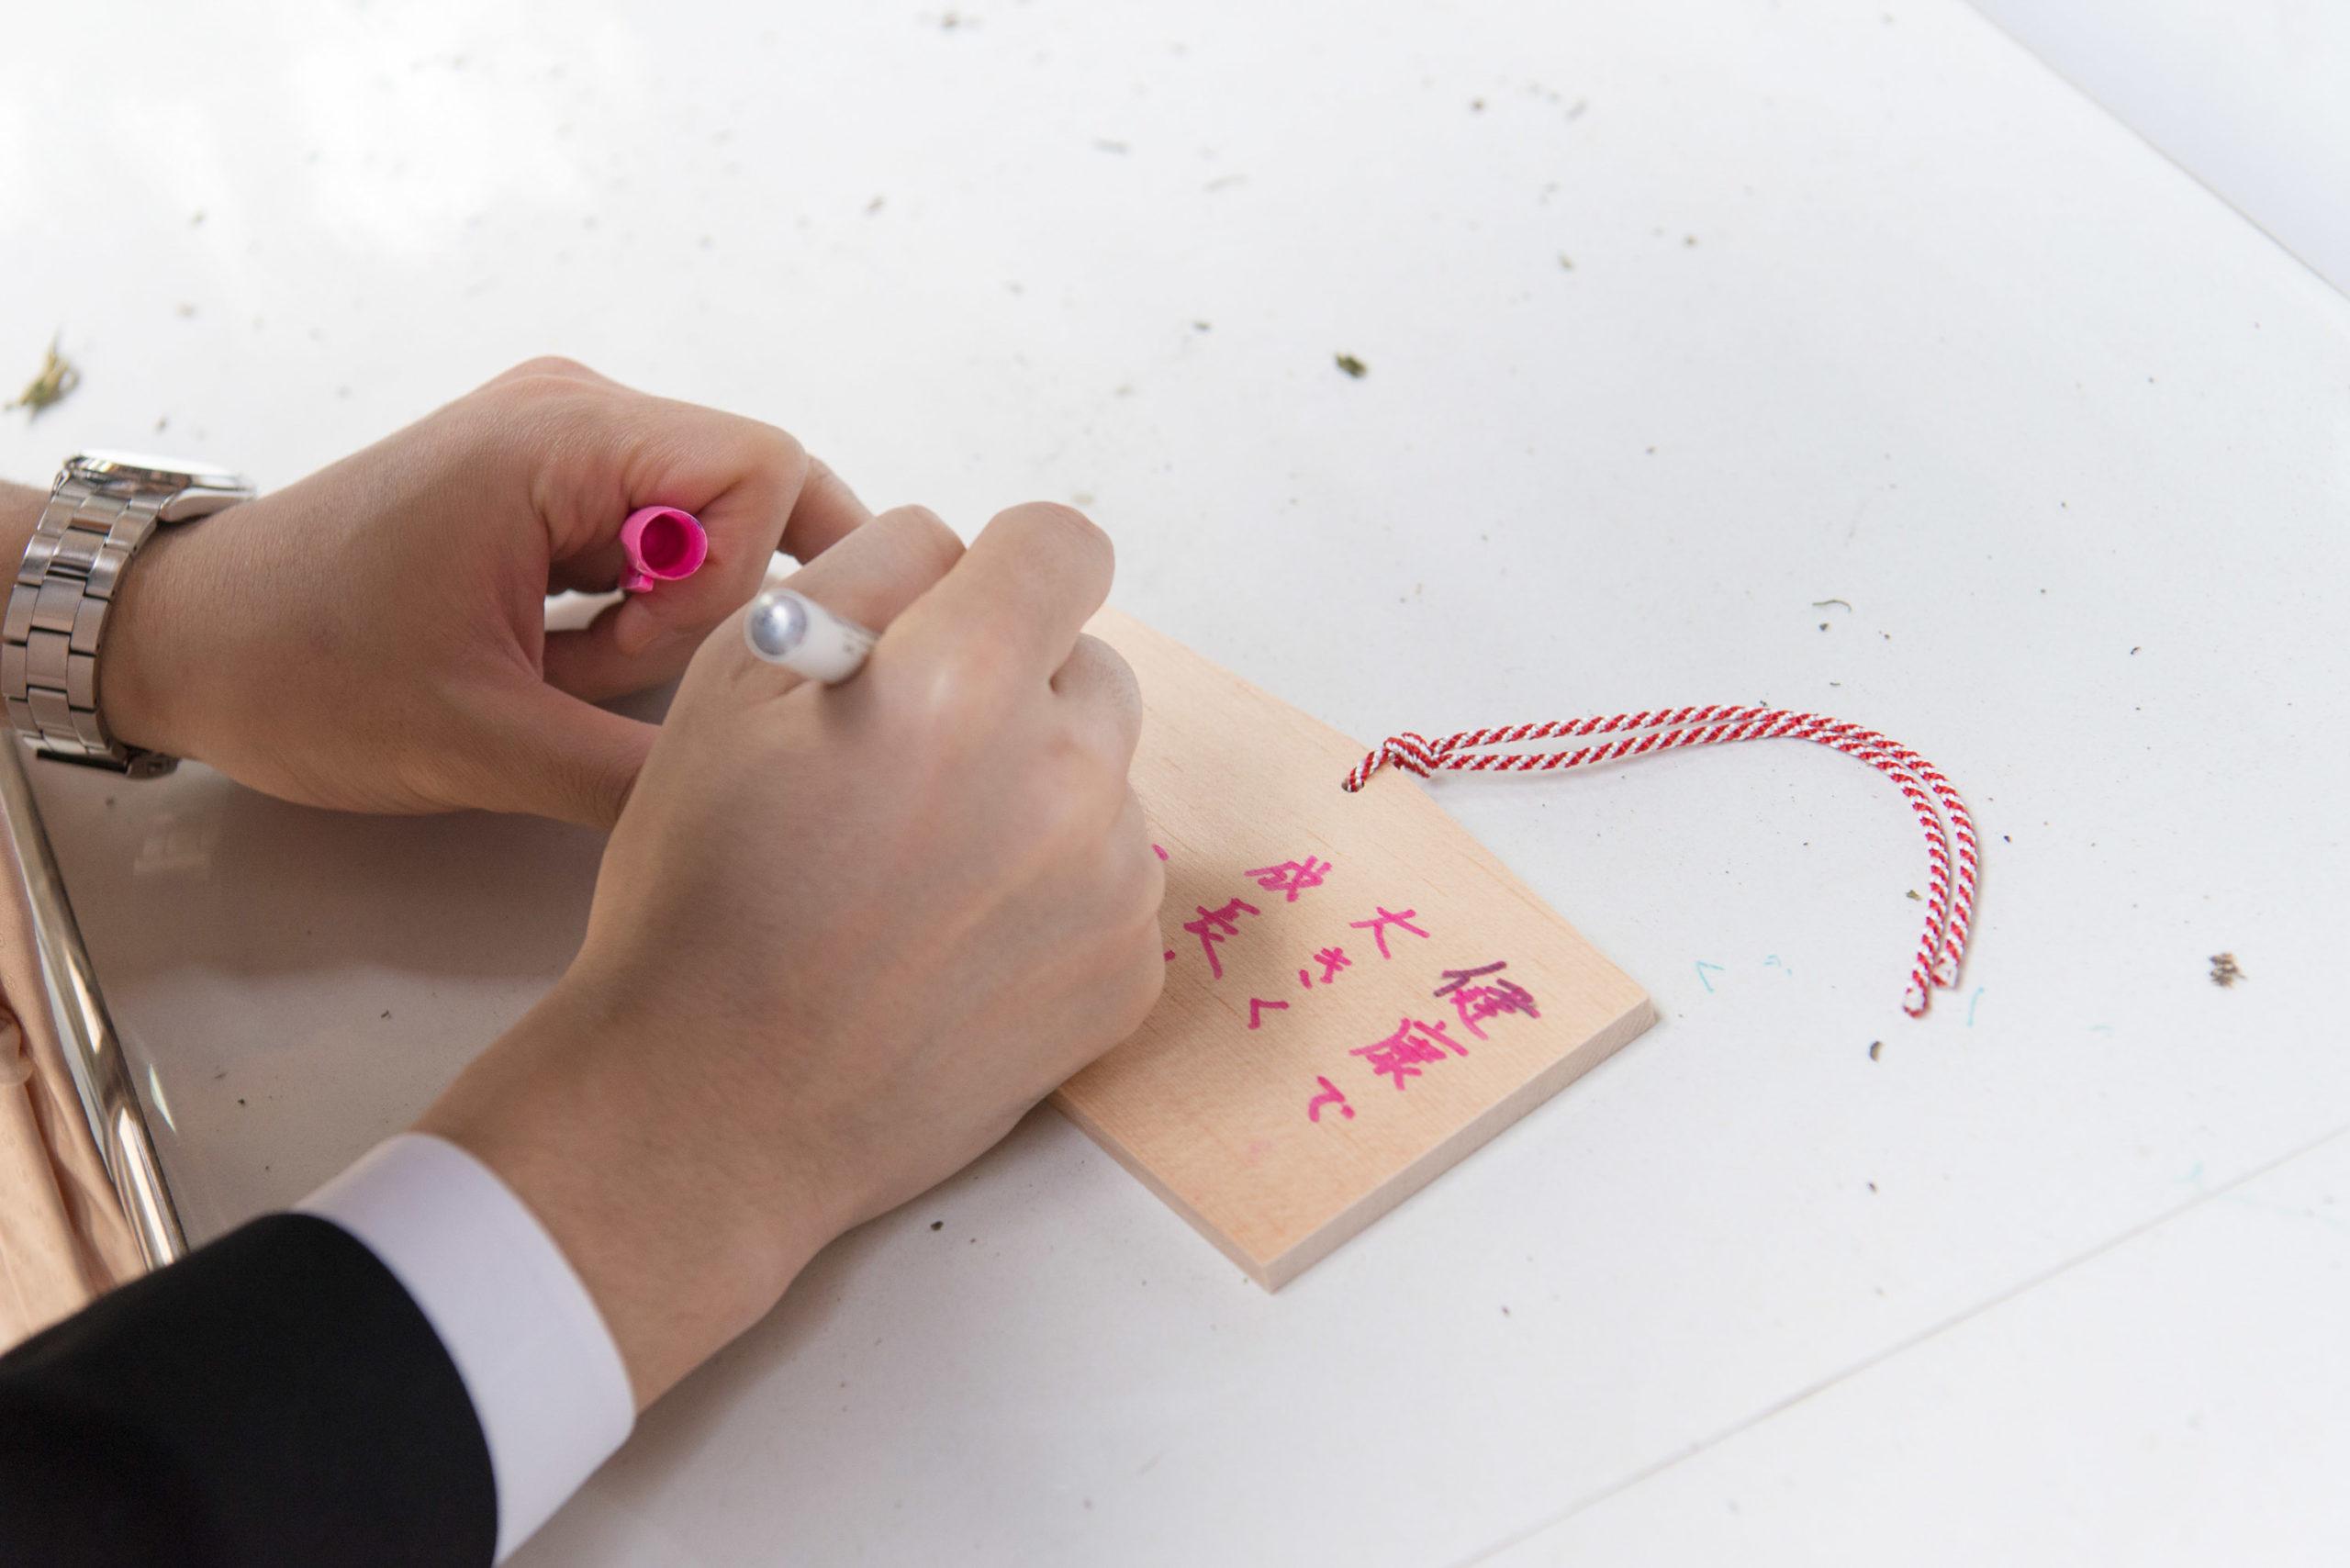 絵馬にピンク色のペンで願い事を書く手